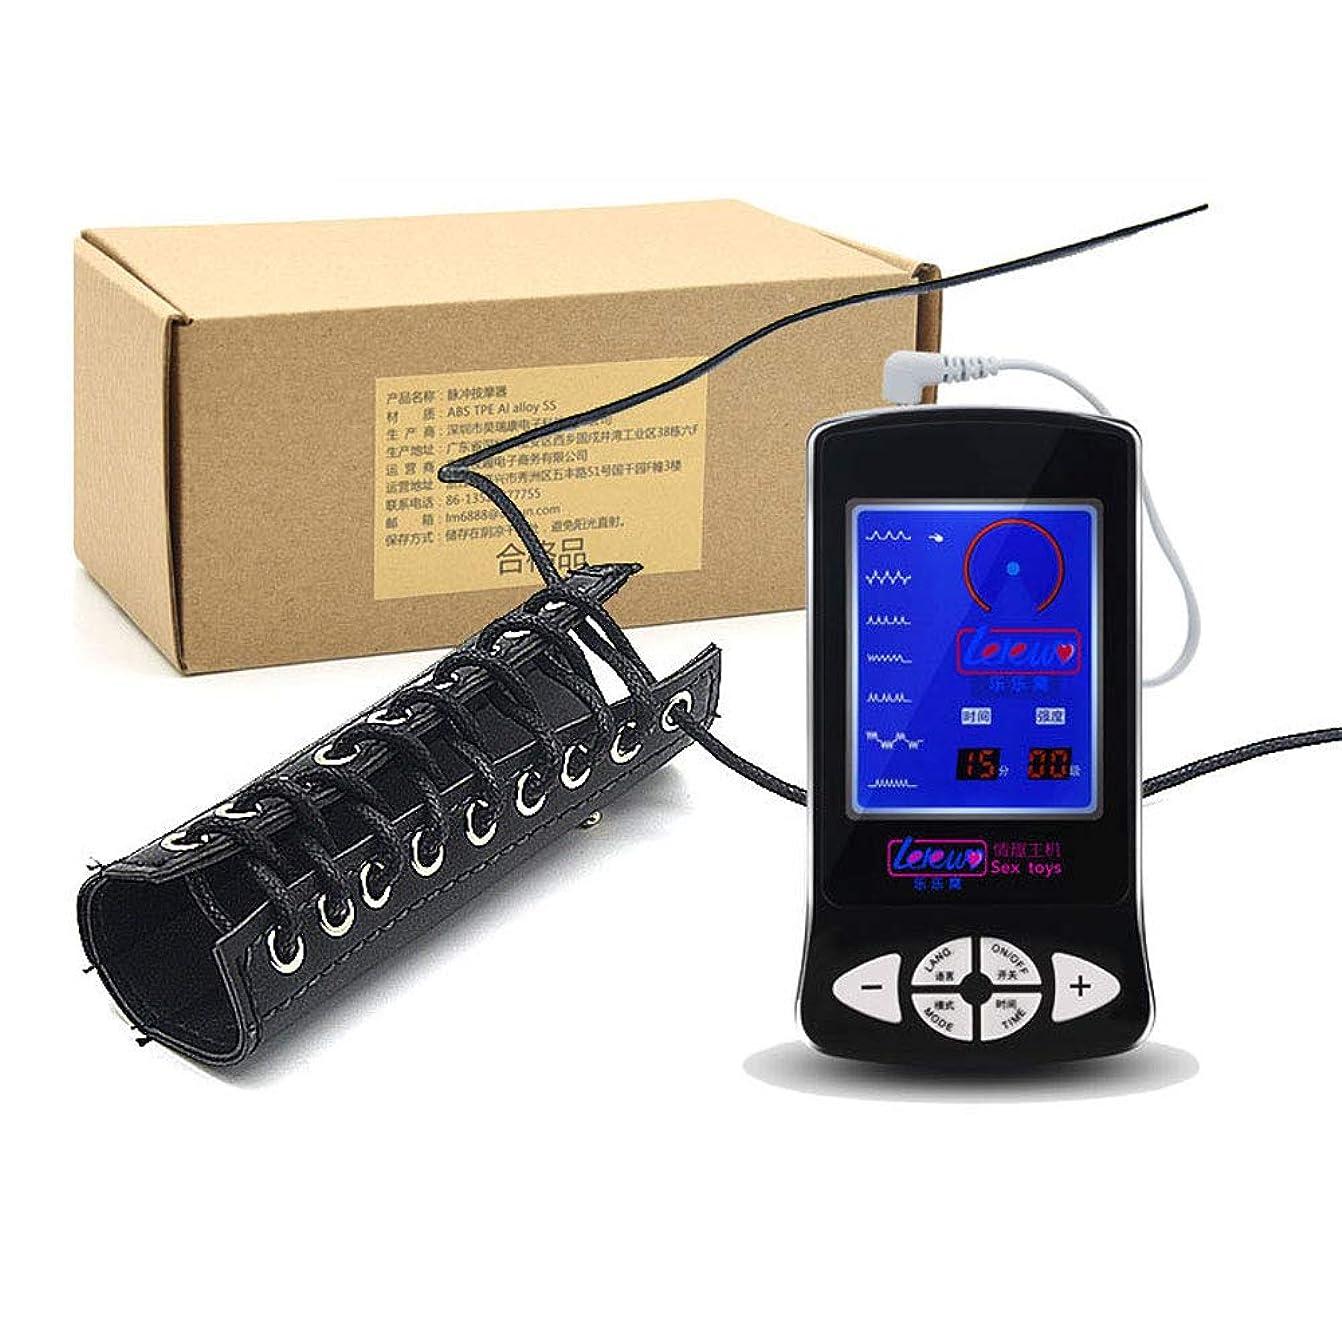 玉ねぎスローシリーズファイバーディープ筋マッサージを刺激するために電気ハンドヘルドマッサージ、マッサージディープ生地理学療法テクニック